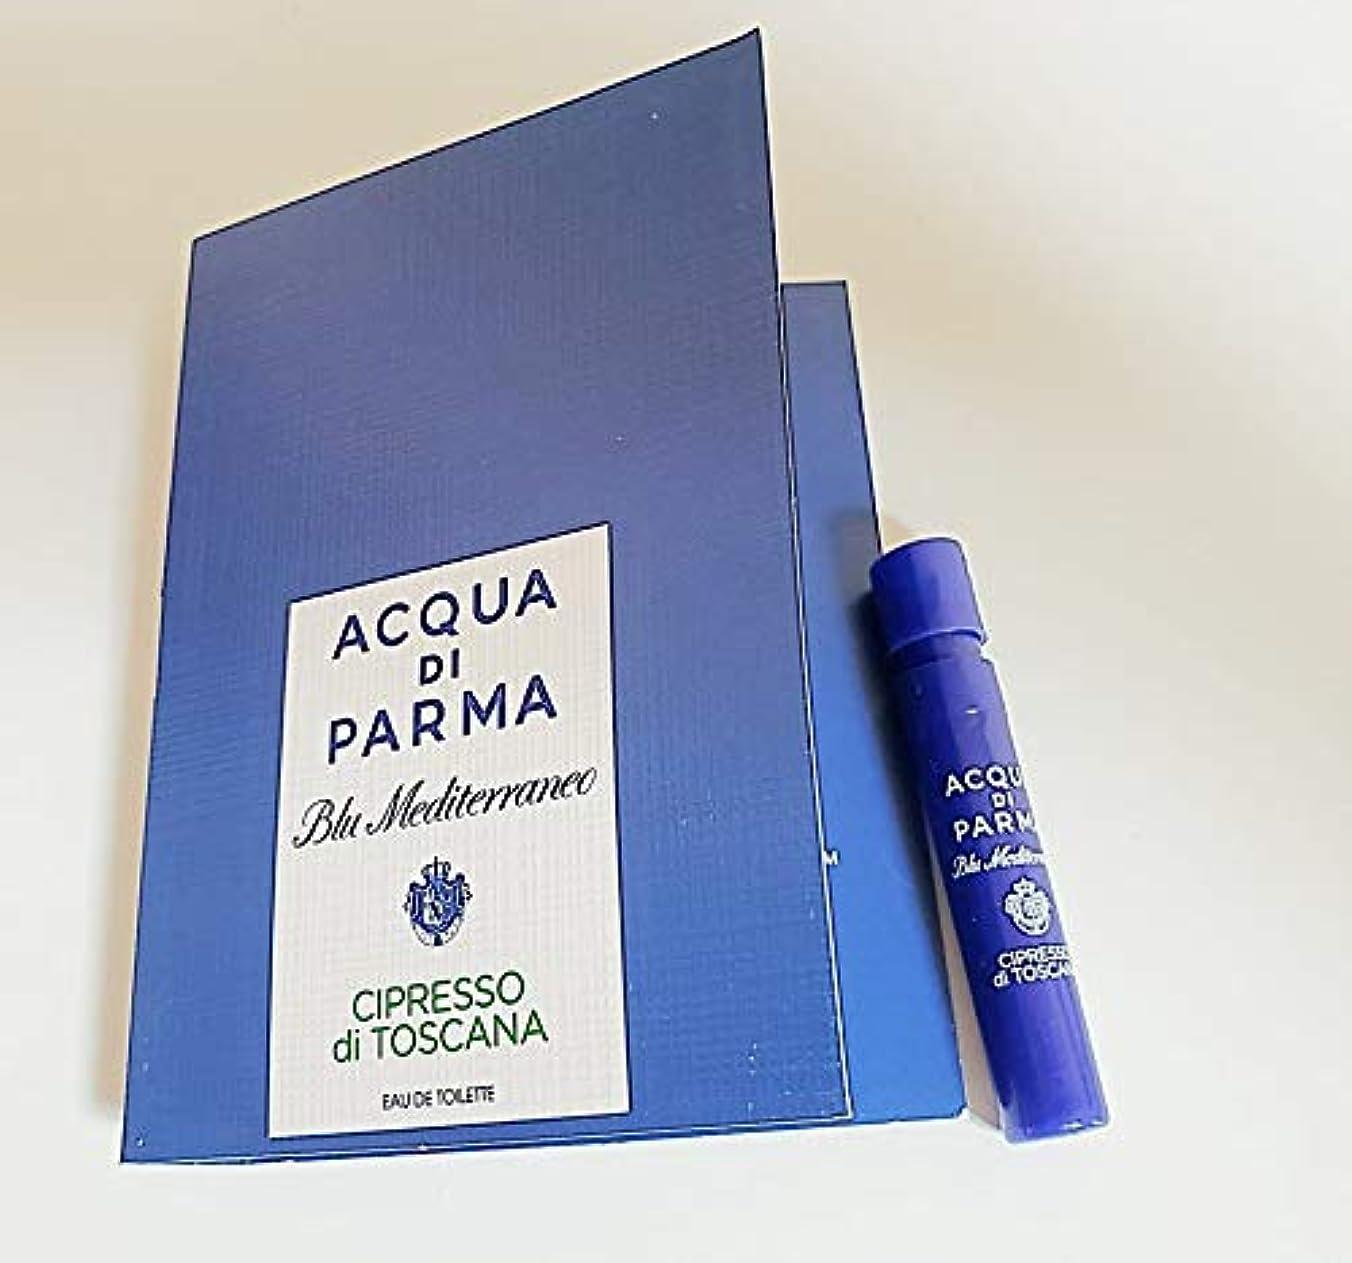 マニアック厄介な新しさacqua di parma チプレッソ 香水 アクアディパルマ